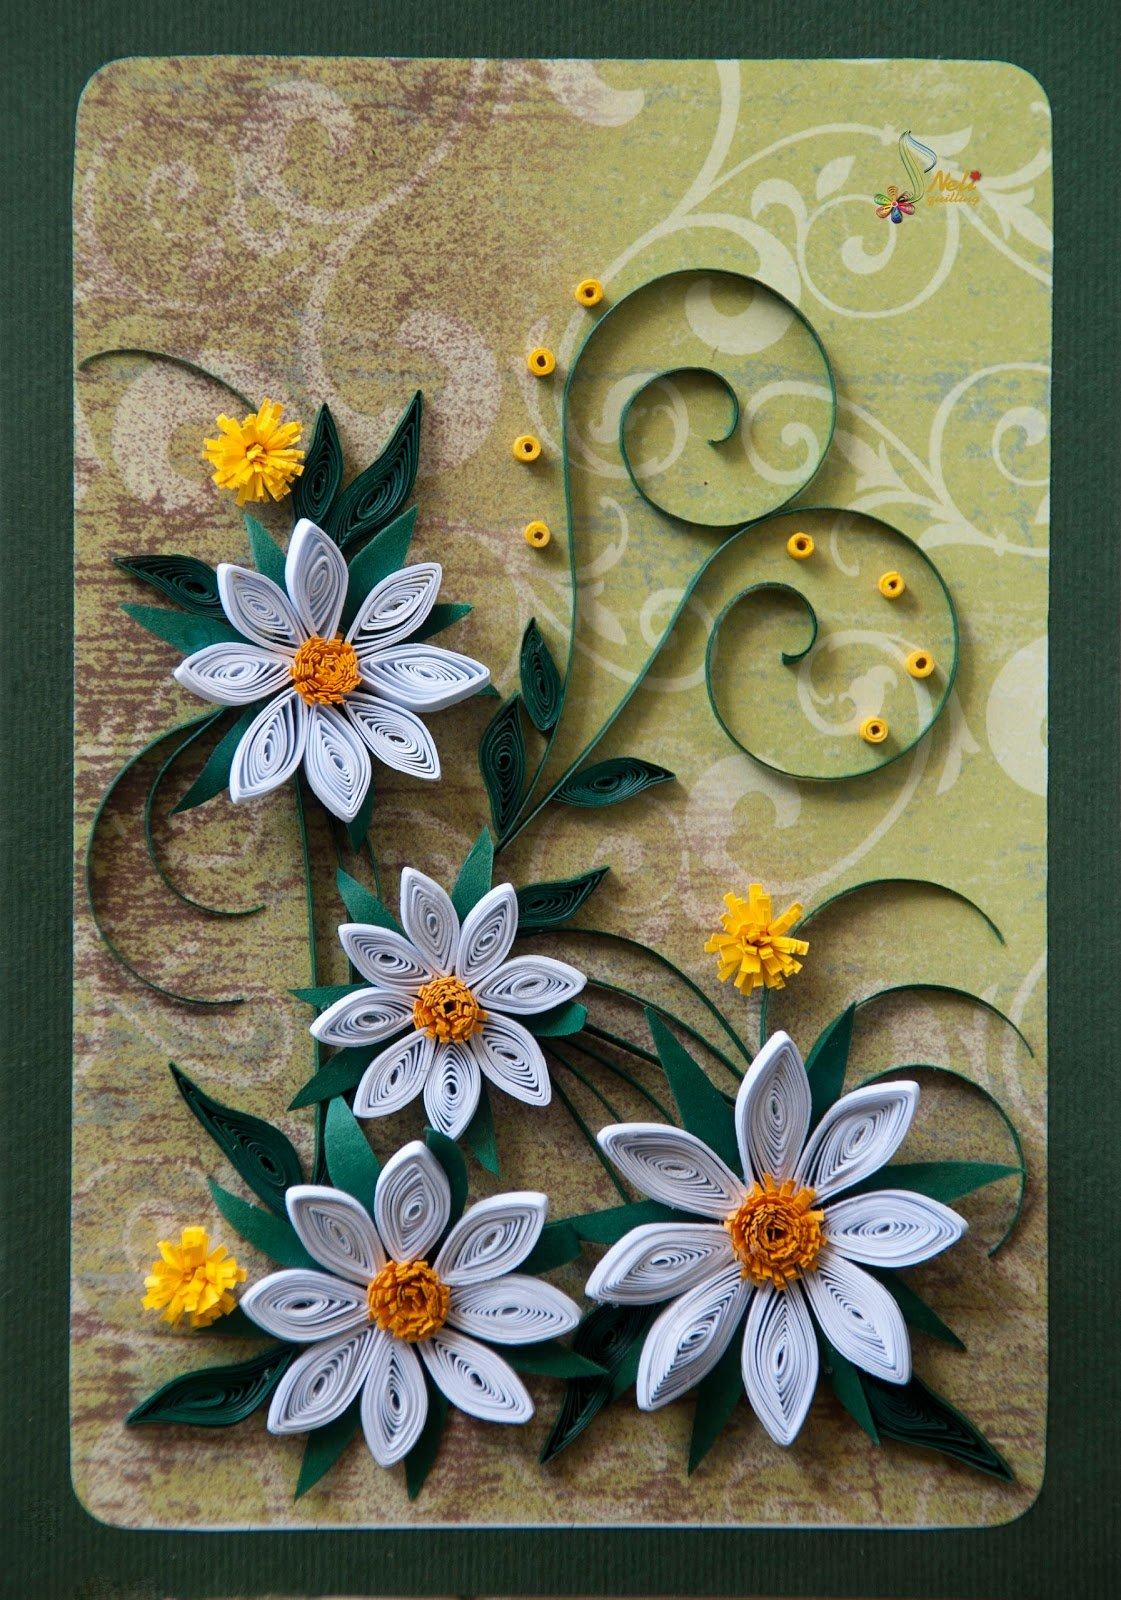 Мультяшек, открытки из скрученных бумаг